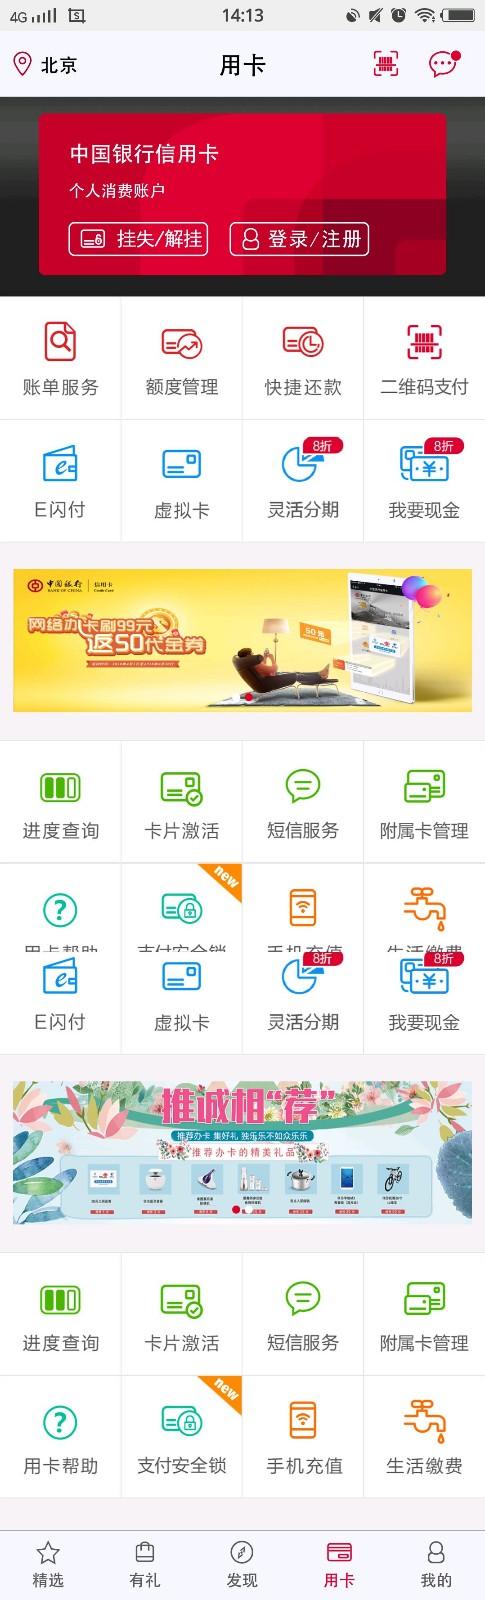 中国银行信用卡申请进度查询方法